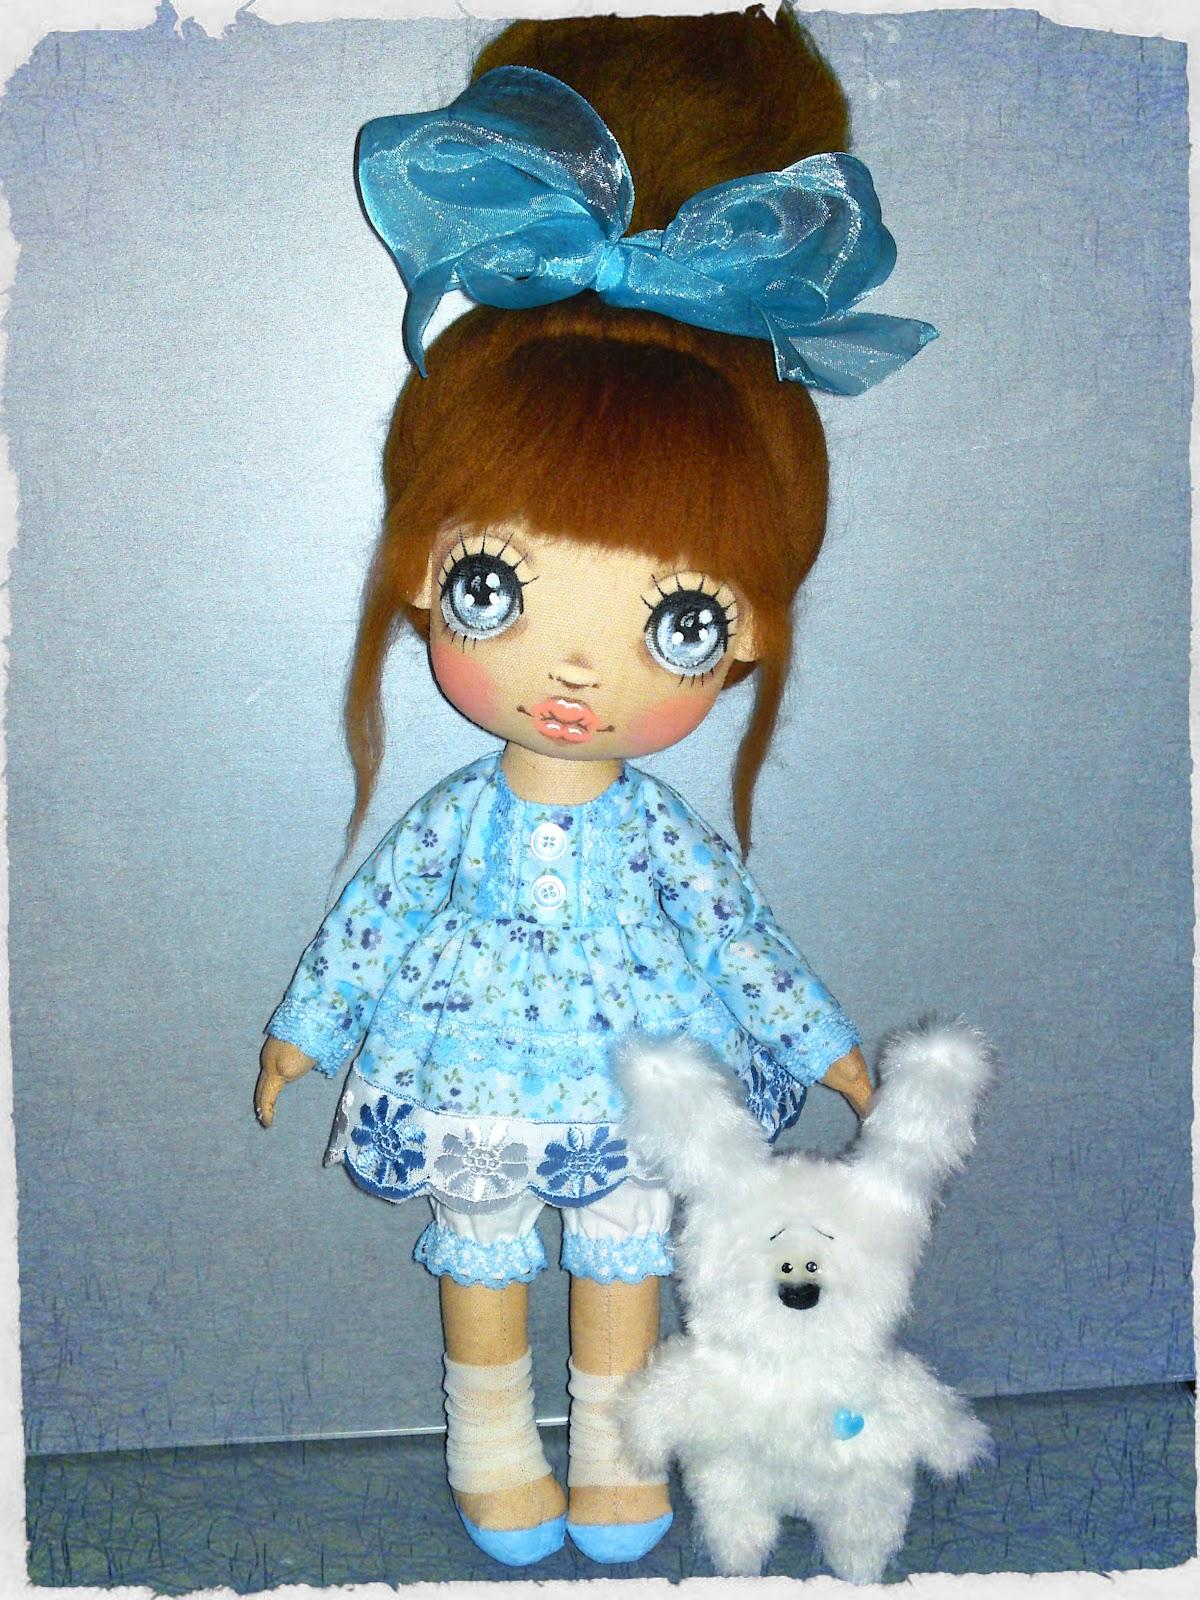 Куклы своими руками текстильные фото